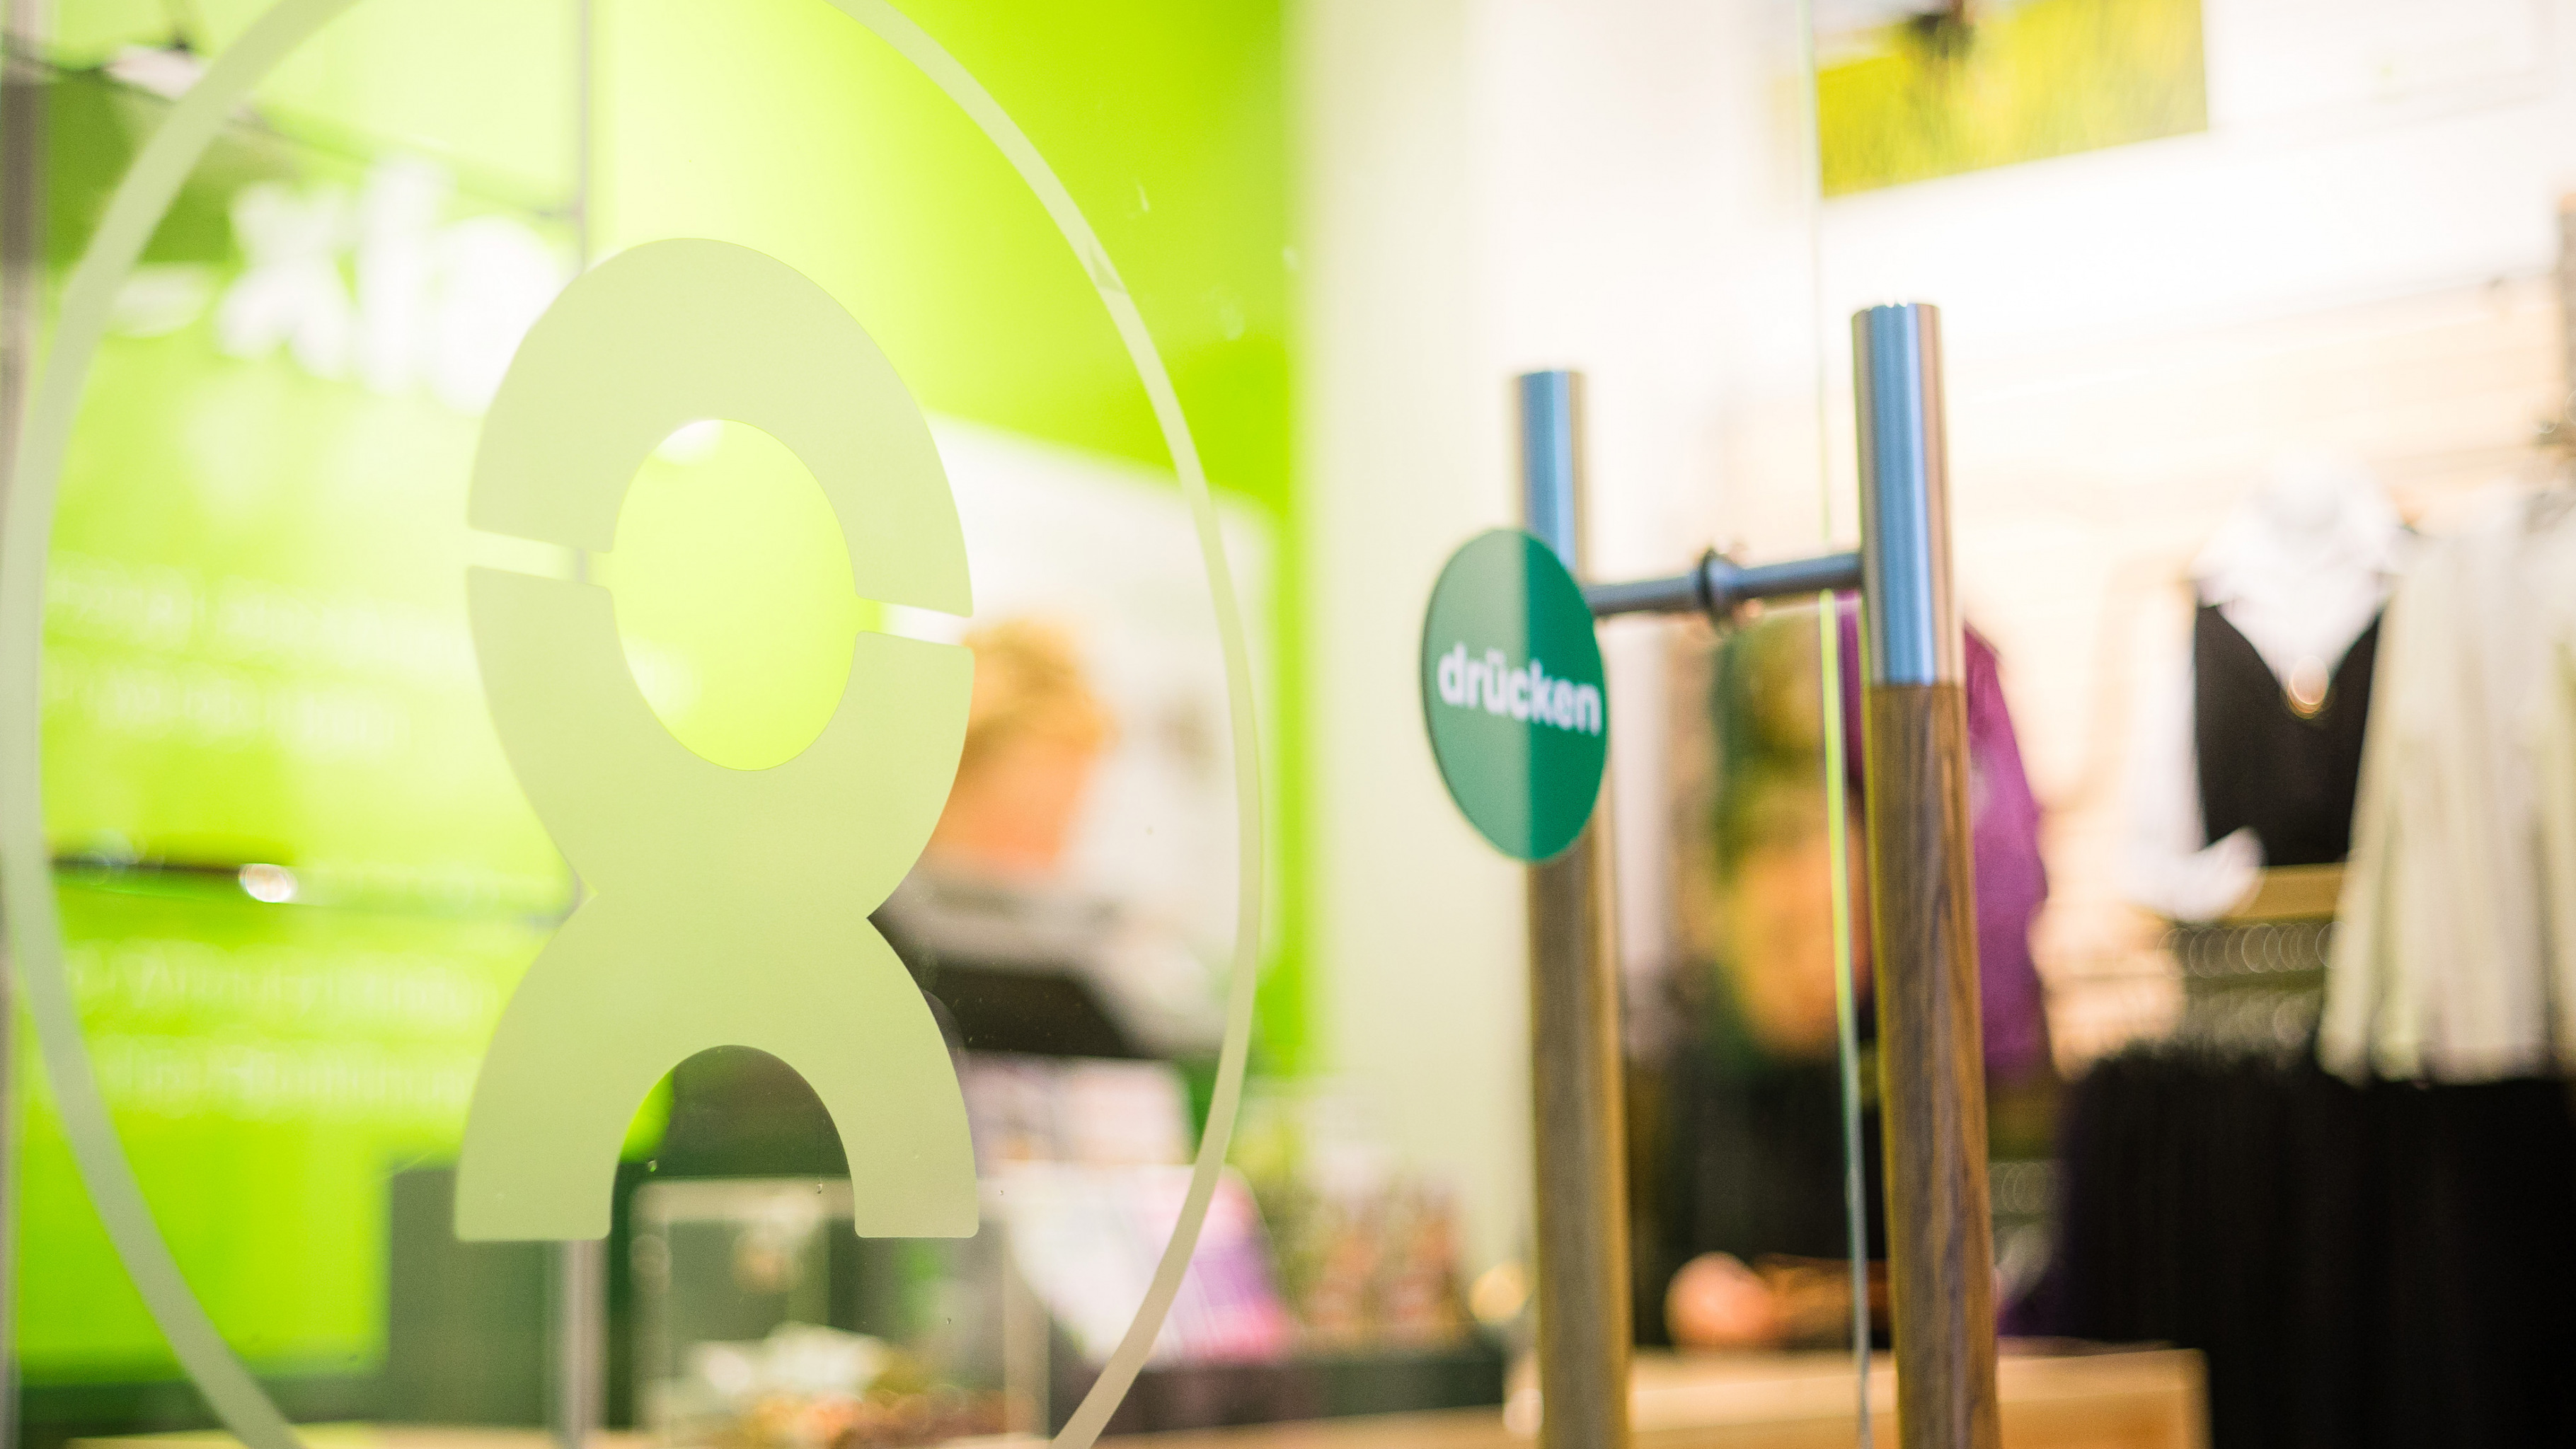 Hereinspaziert: Tür eines Oxfam Shops